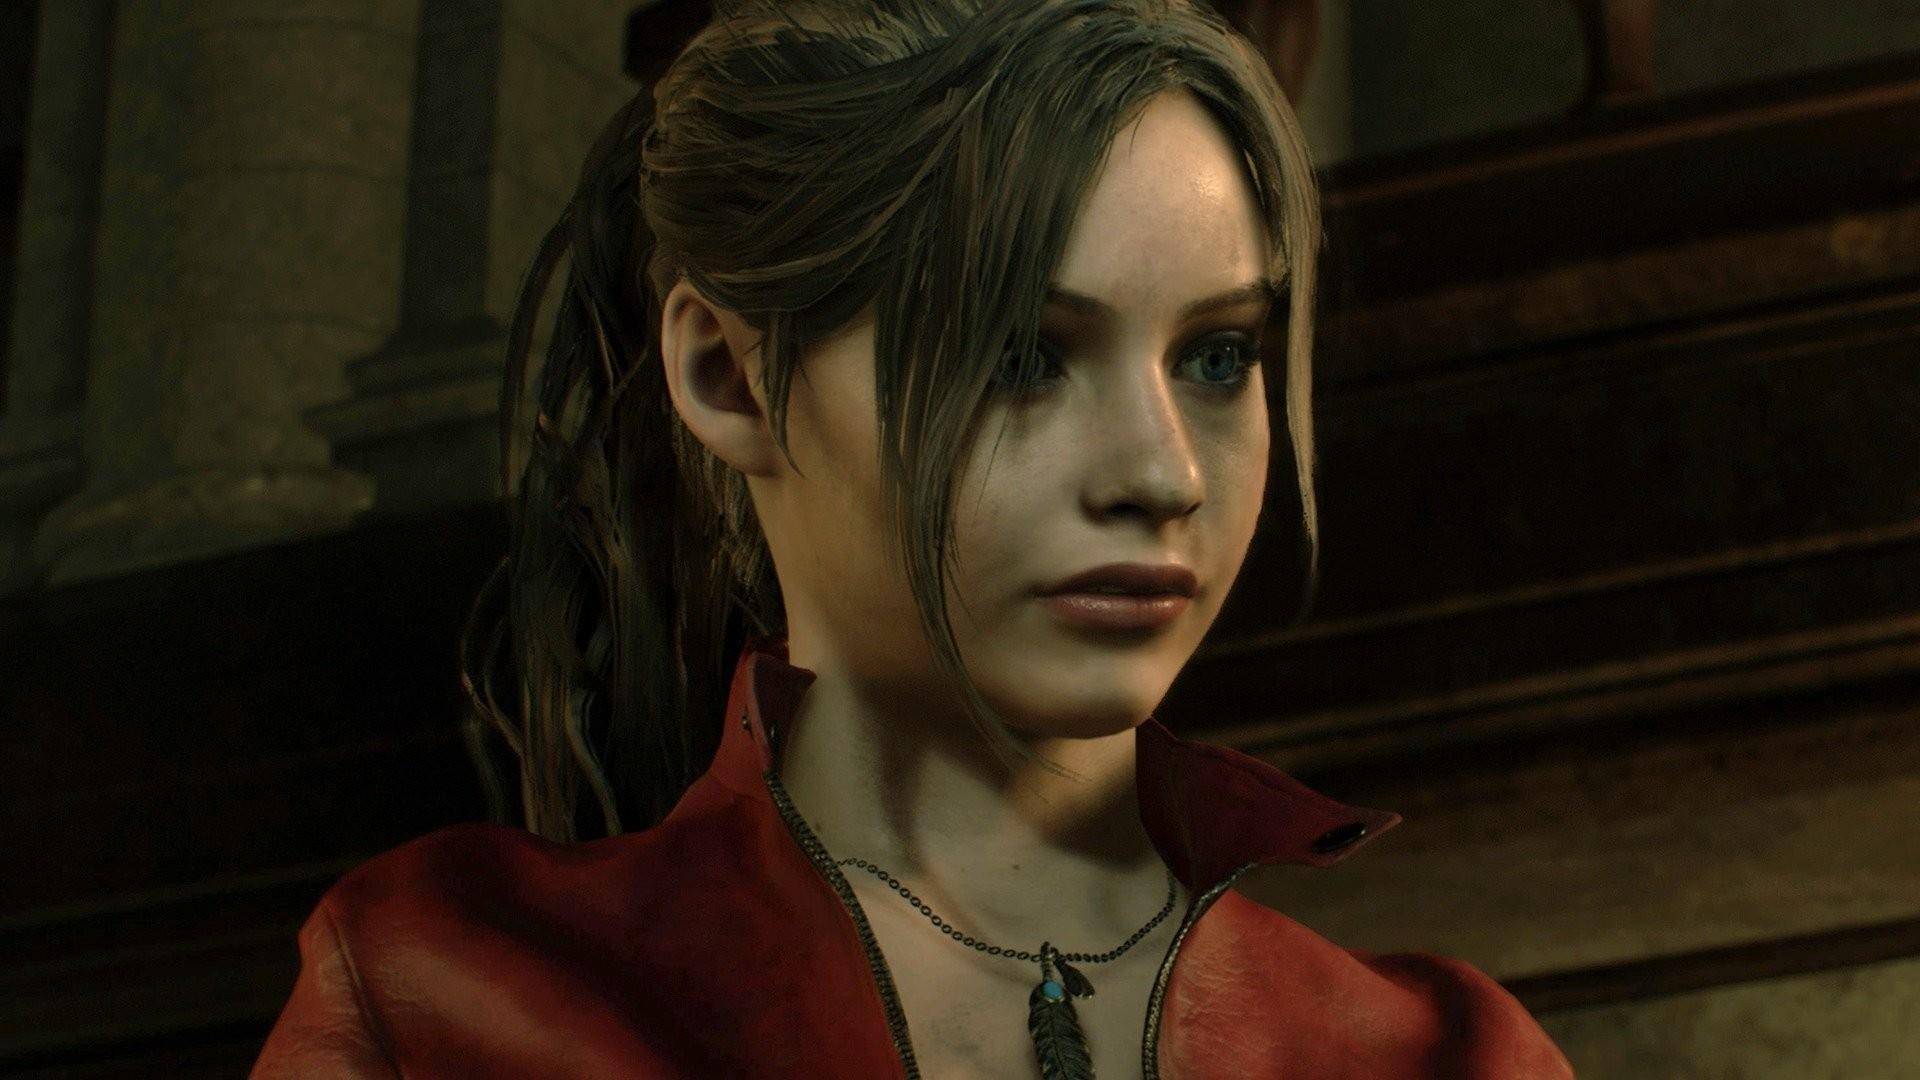 Res: 1920x1080, Die ersten 15 Minuten des Resident Evil 2 Remake in der Rolle von Claire  Redfield (Video Resident Evil 2 Remake) | IGN Deutschland